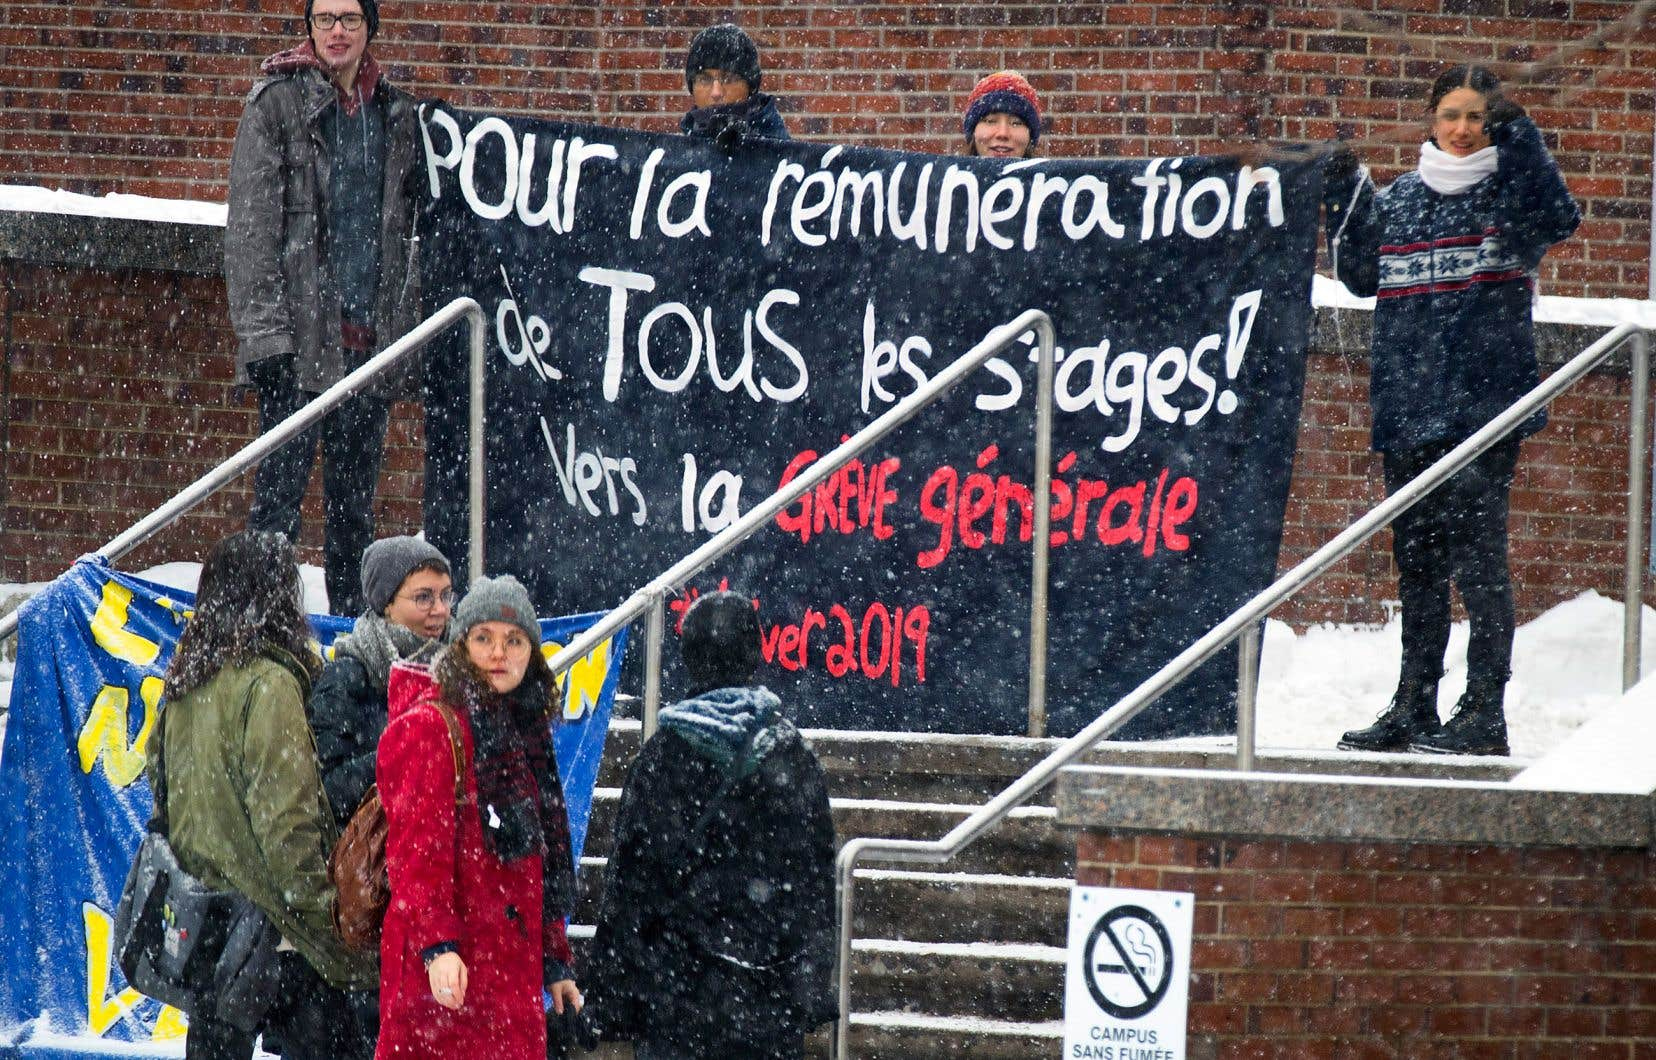 Au Cégep du Vieux-Montréal, les étudiants sont en grève cette semaine. La banderole qu'ils ont déployée laisse peu de doute sur leur détermination, affirmant que ce débrayage est un premier pas «vers la grève générale» à la session d'hiver.